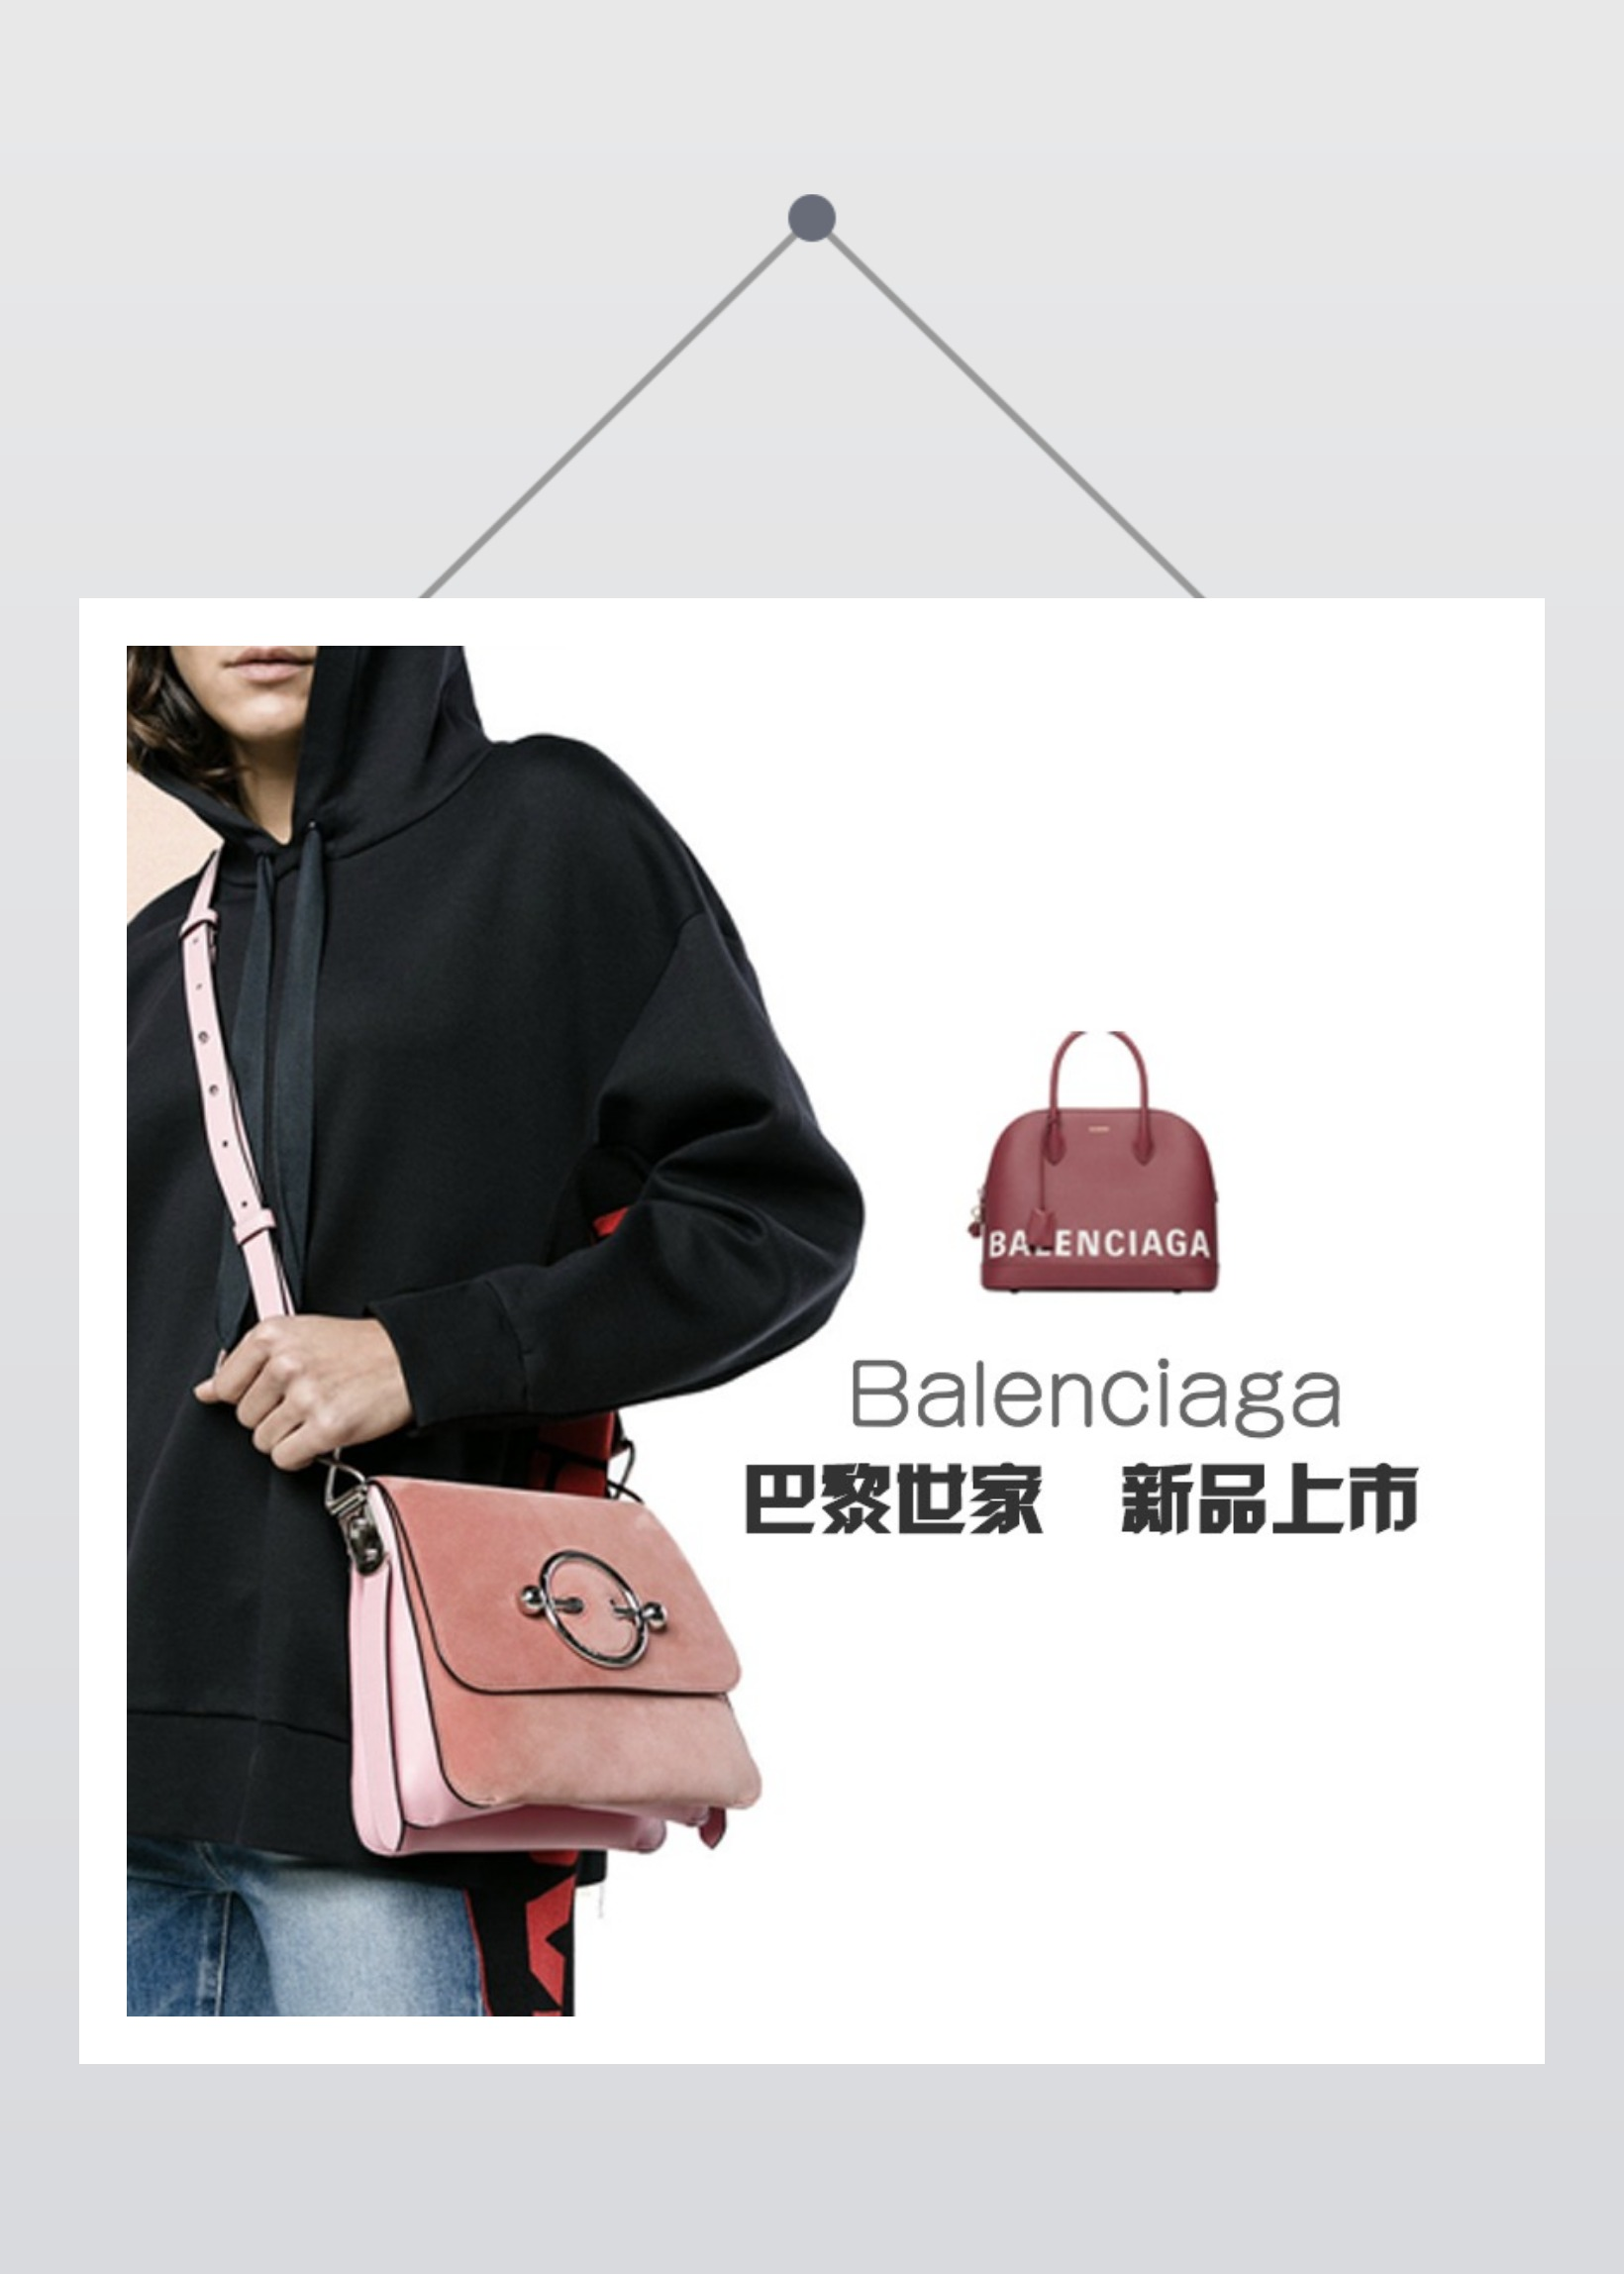 时尚简约单品促销销售服装箱包服饰类电商主图